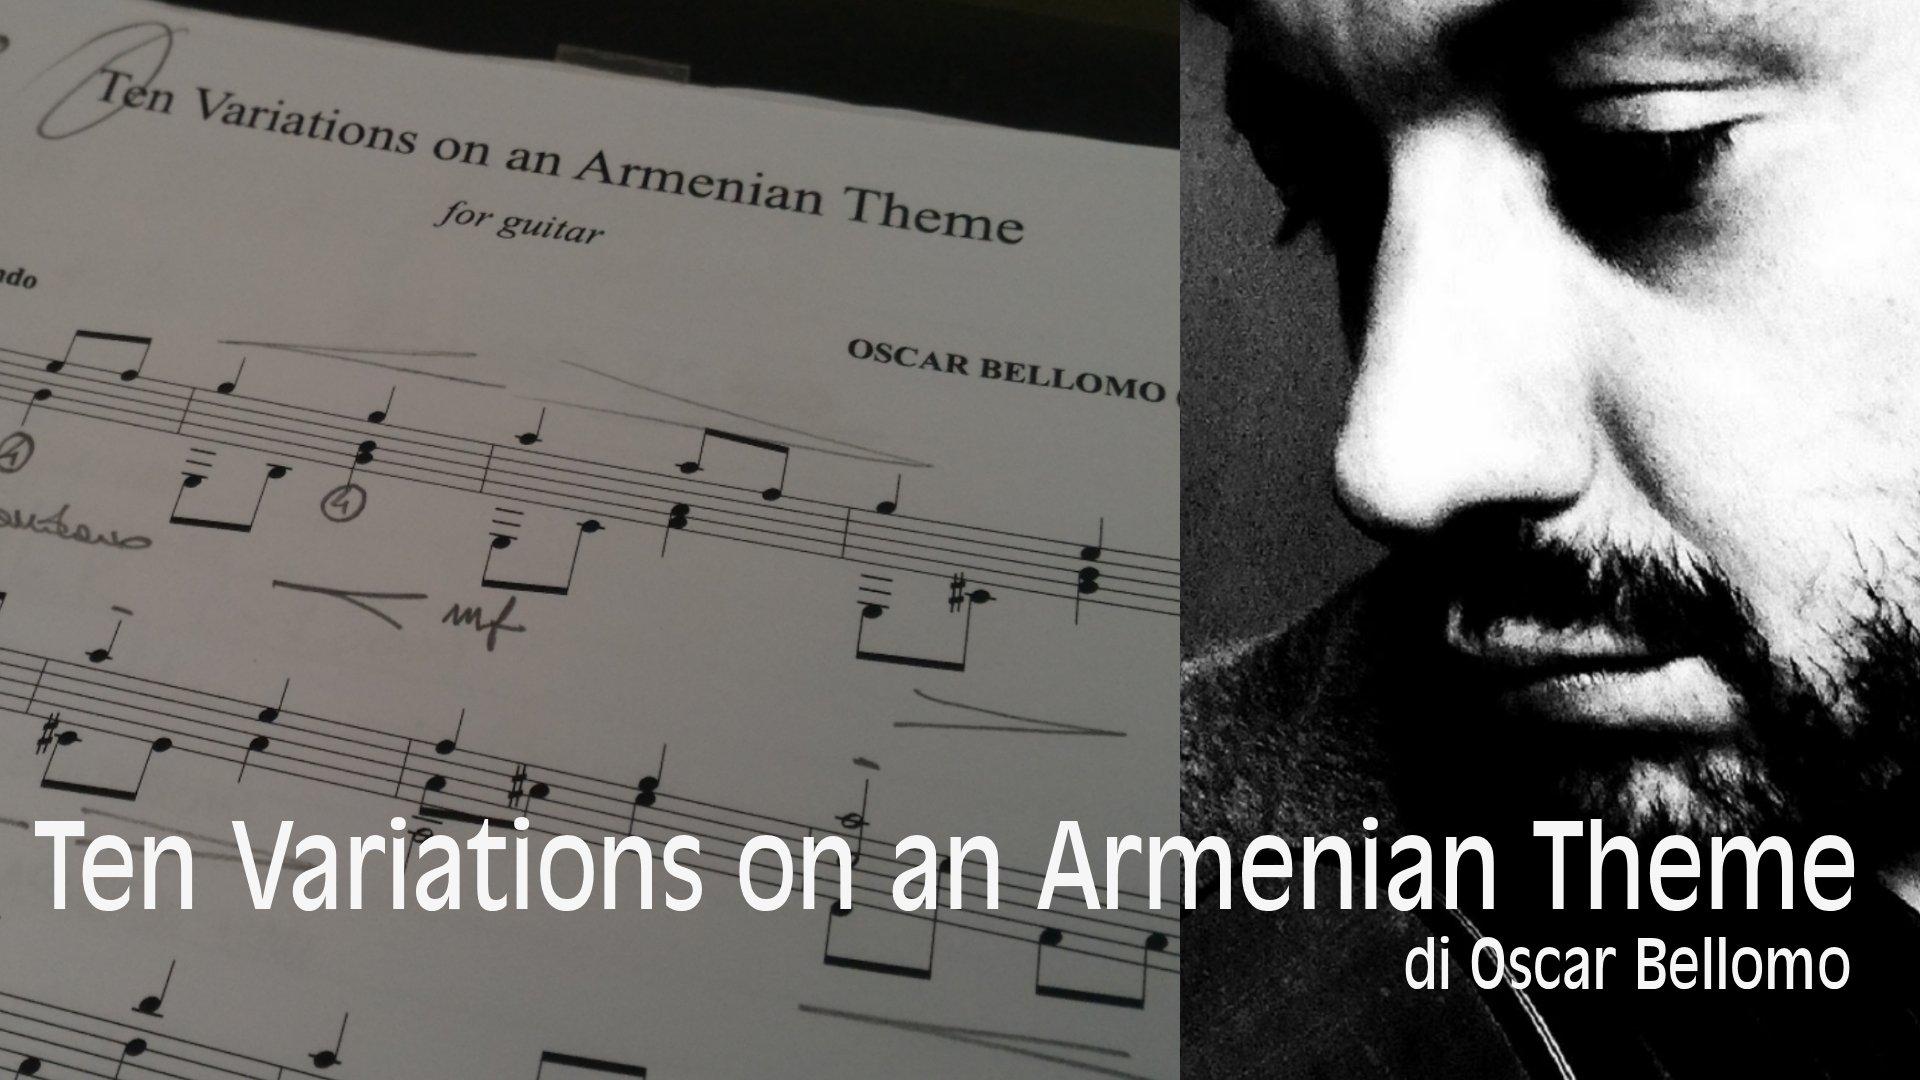 Variazioni su un tema armeno di Oscar Bellomo